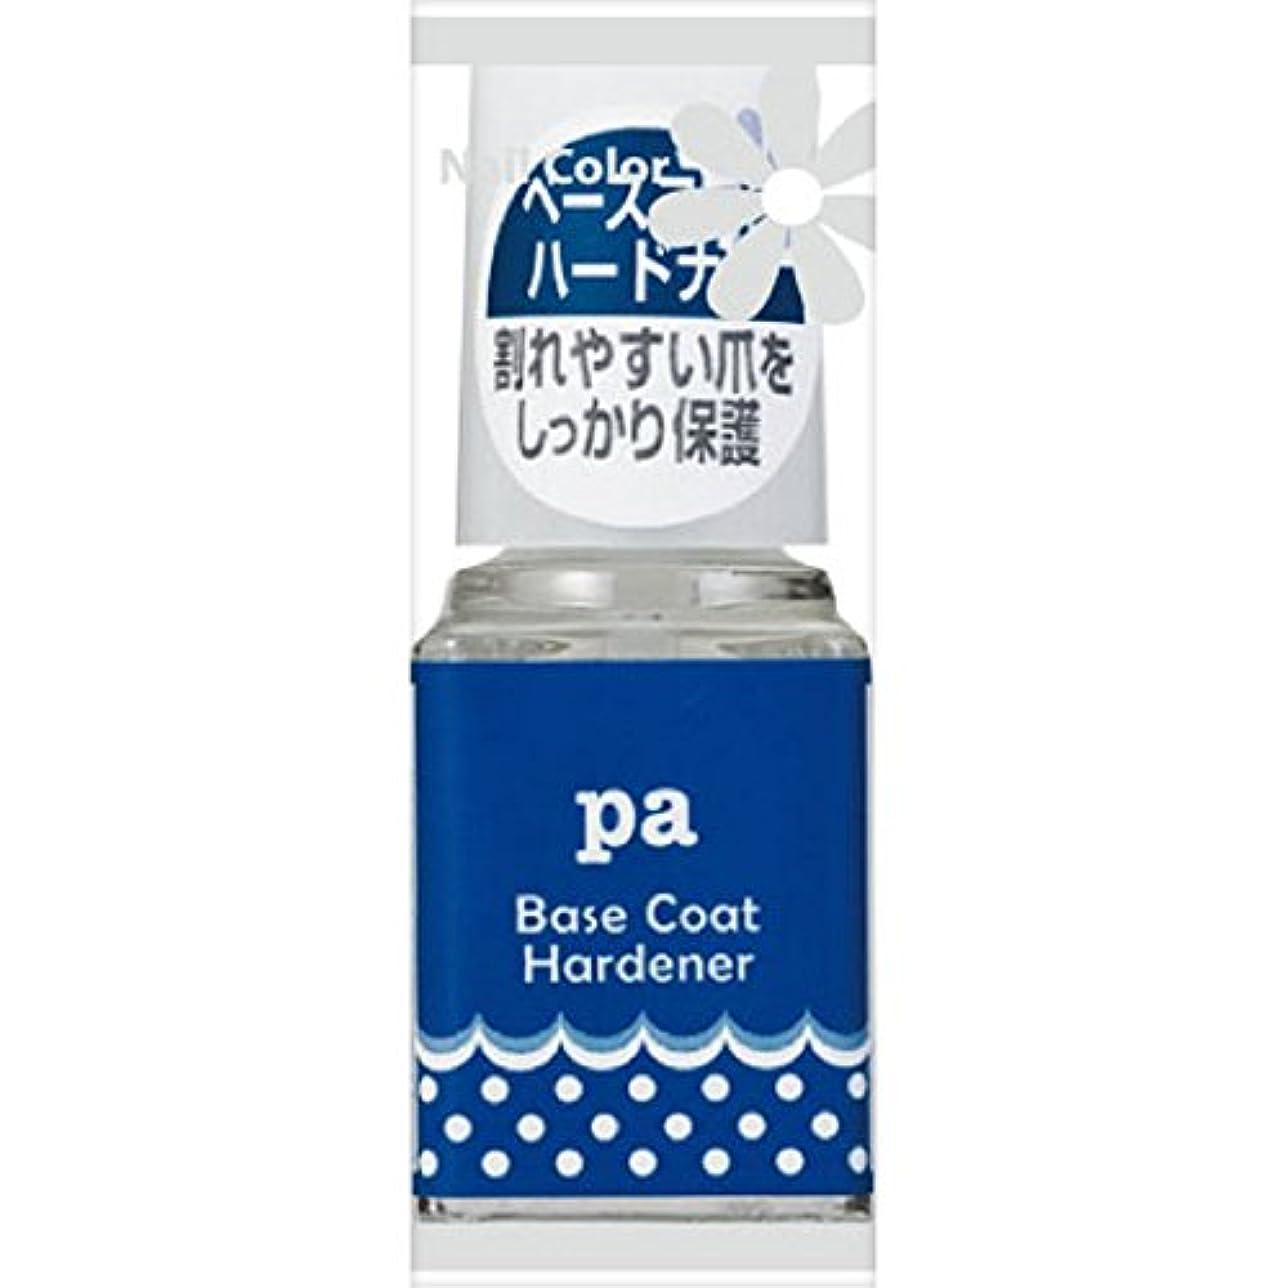 コカイン例外結び目pa ベースコートハードナー base03